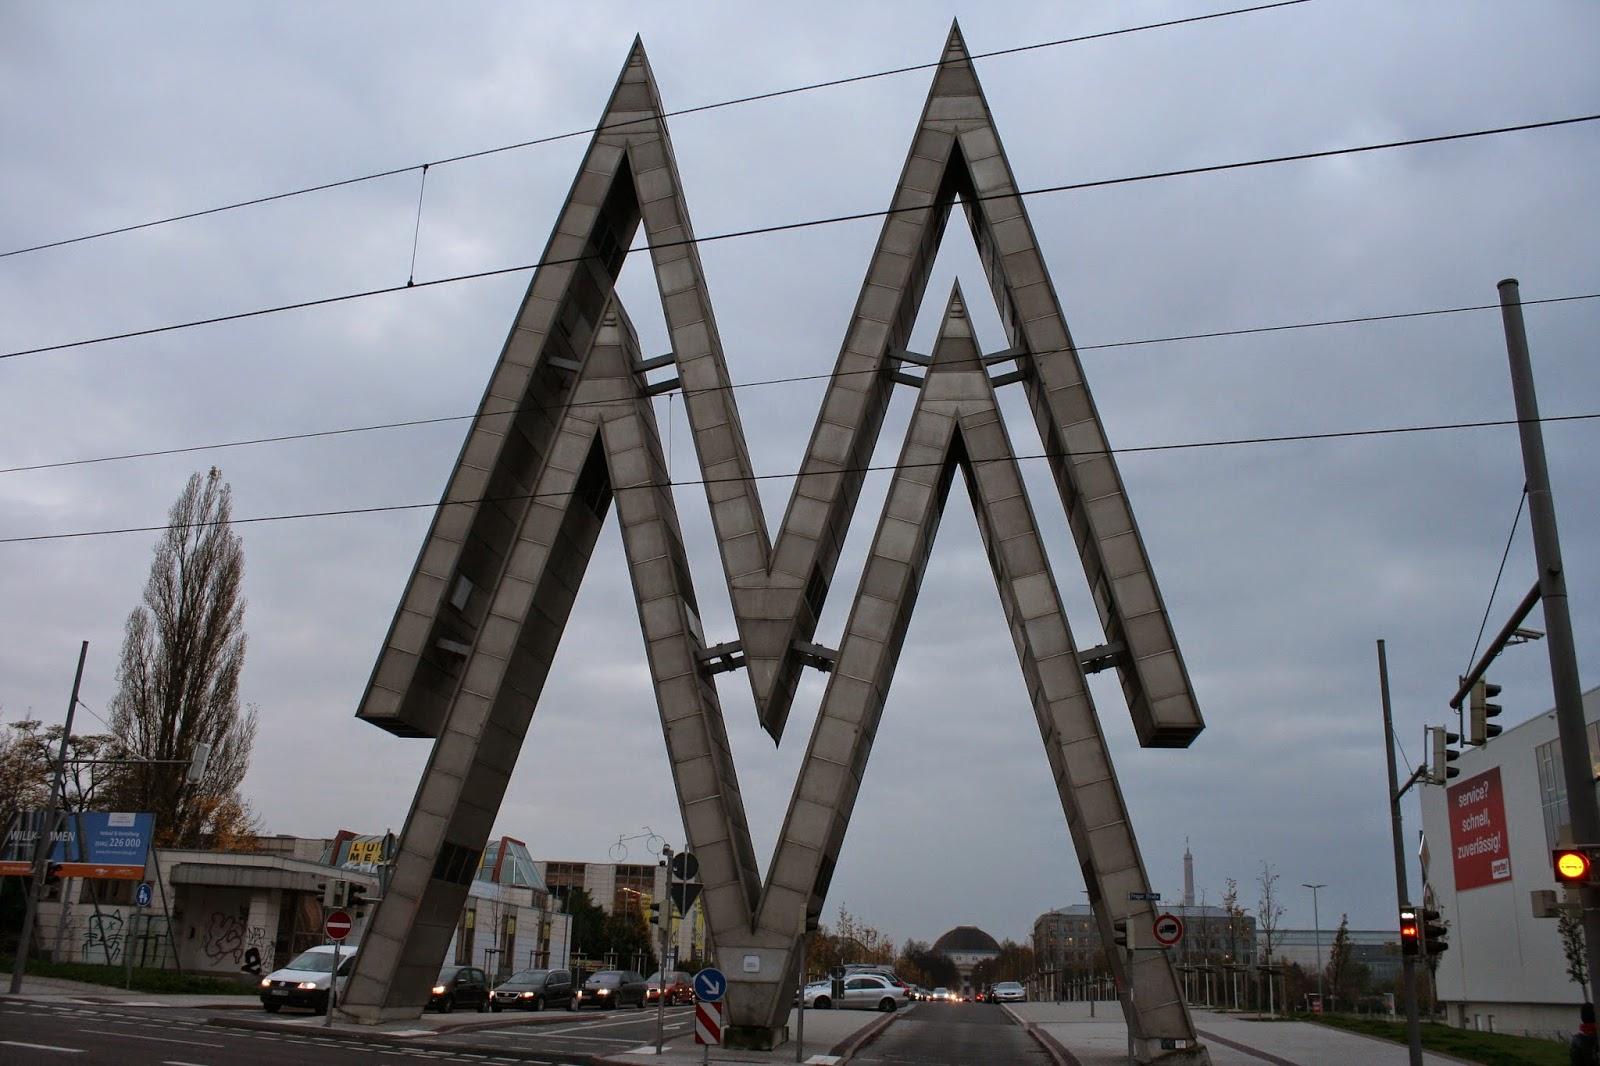 """Das Doppel-M steht für """"Mustermesse"""" - hier das letzte Logo von einst von 4 Stück"""